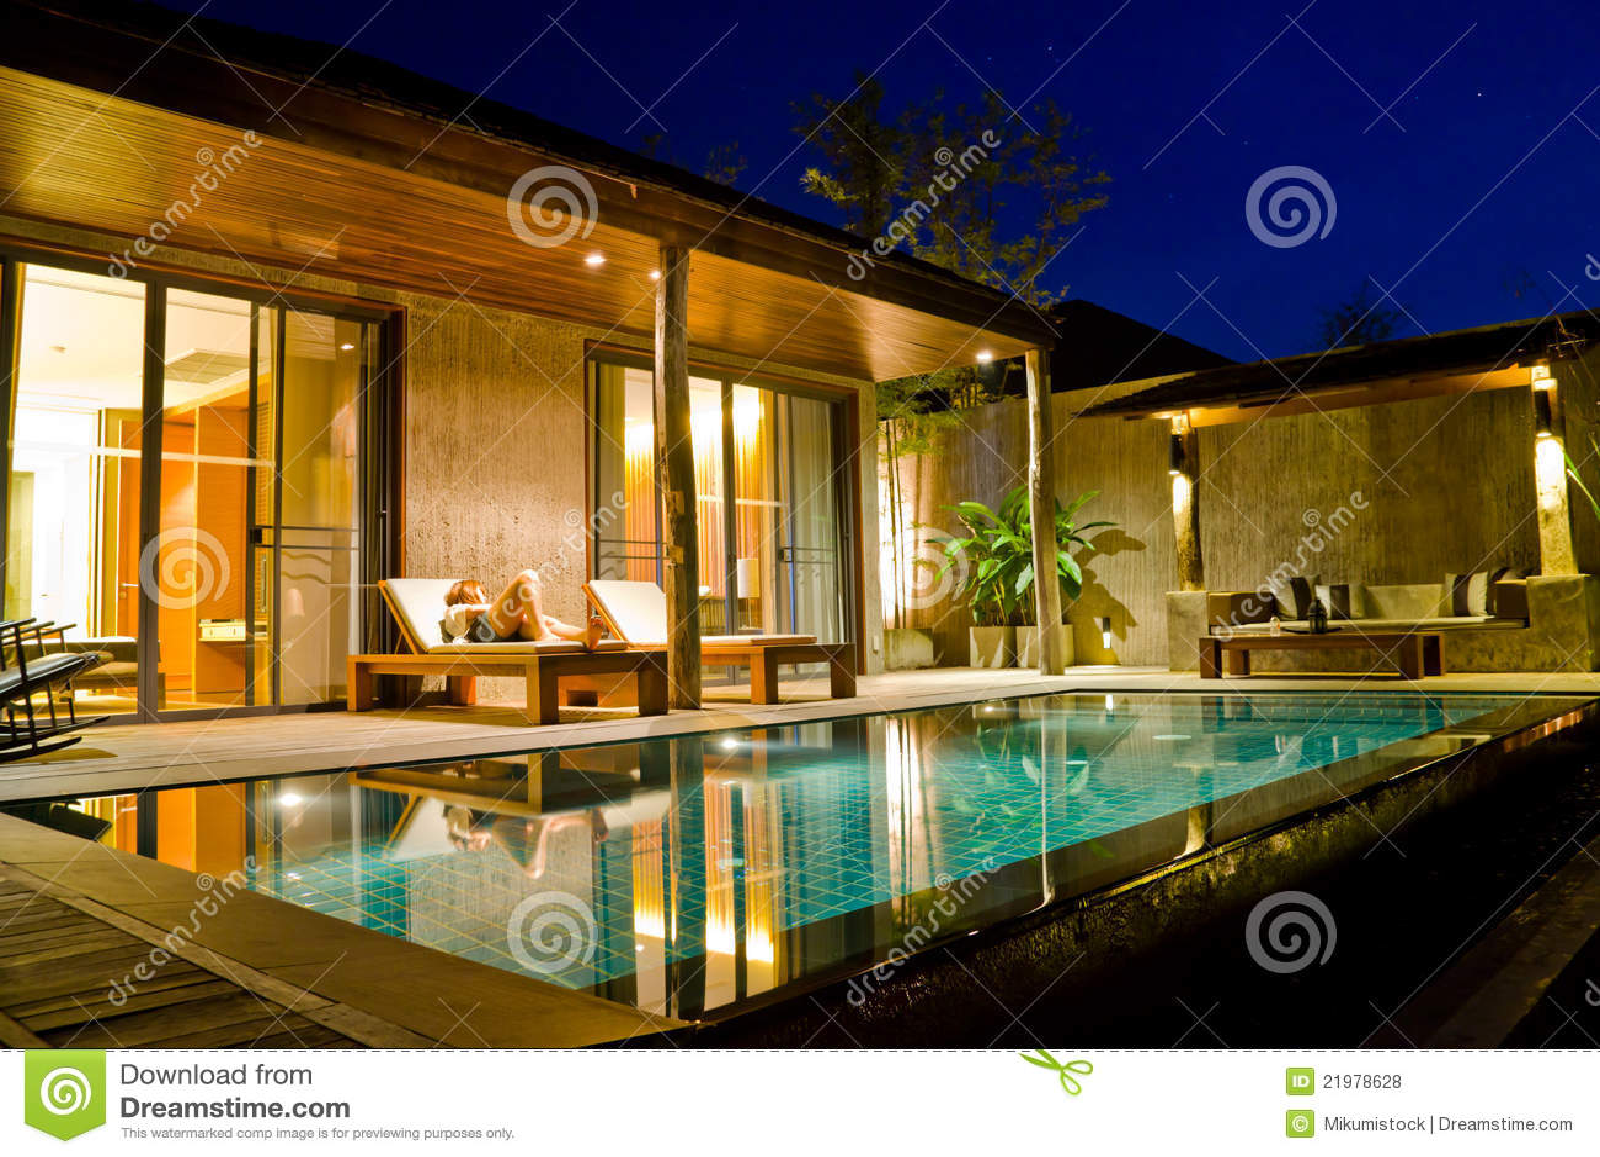 房子现代池游泳